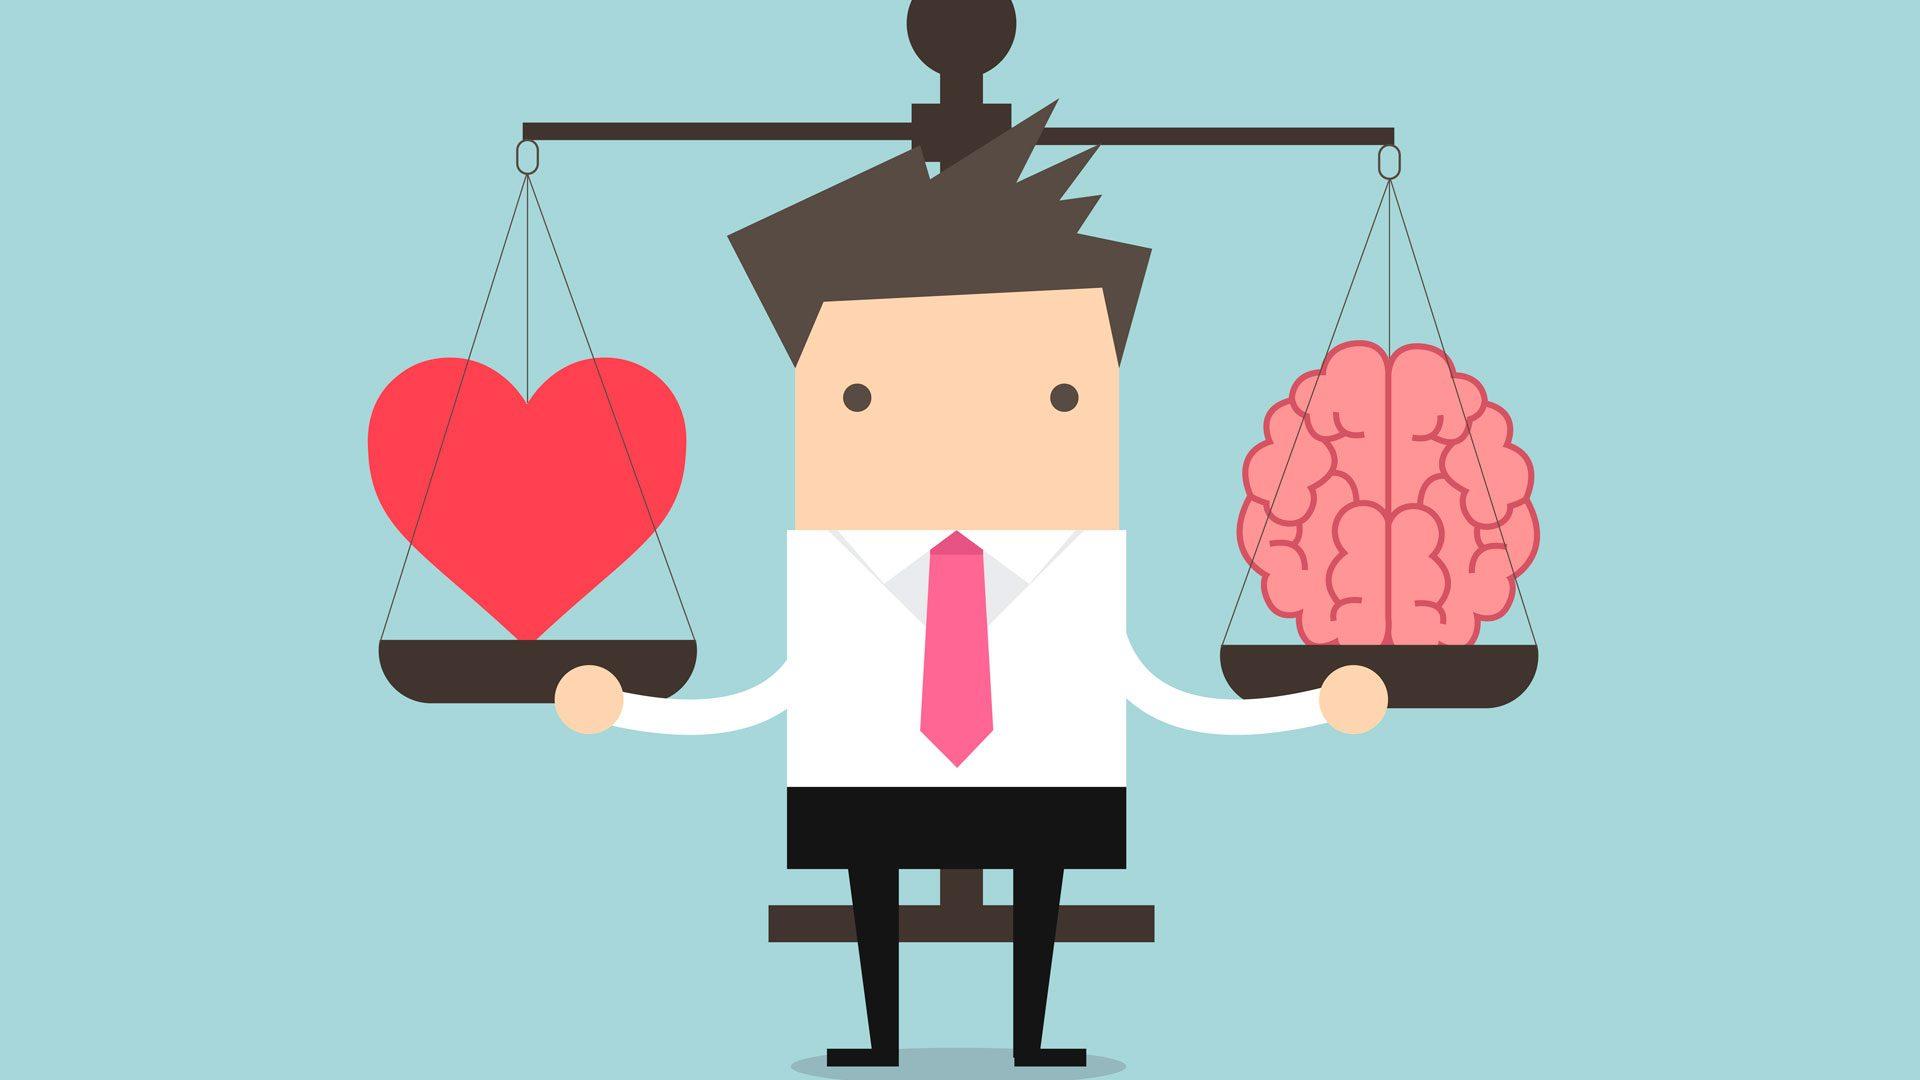 5 ترفند کاربردی برای افزایش هوش هیجانی؛ ابزاری برای قدرت